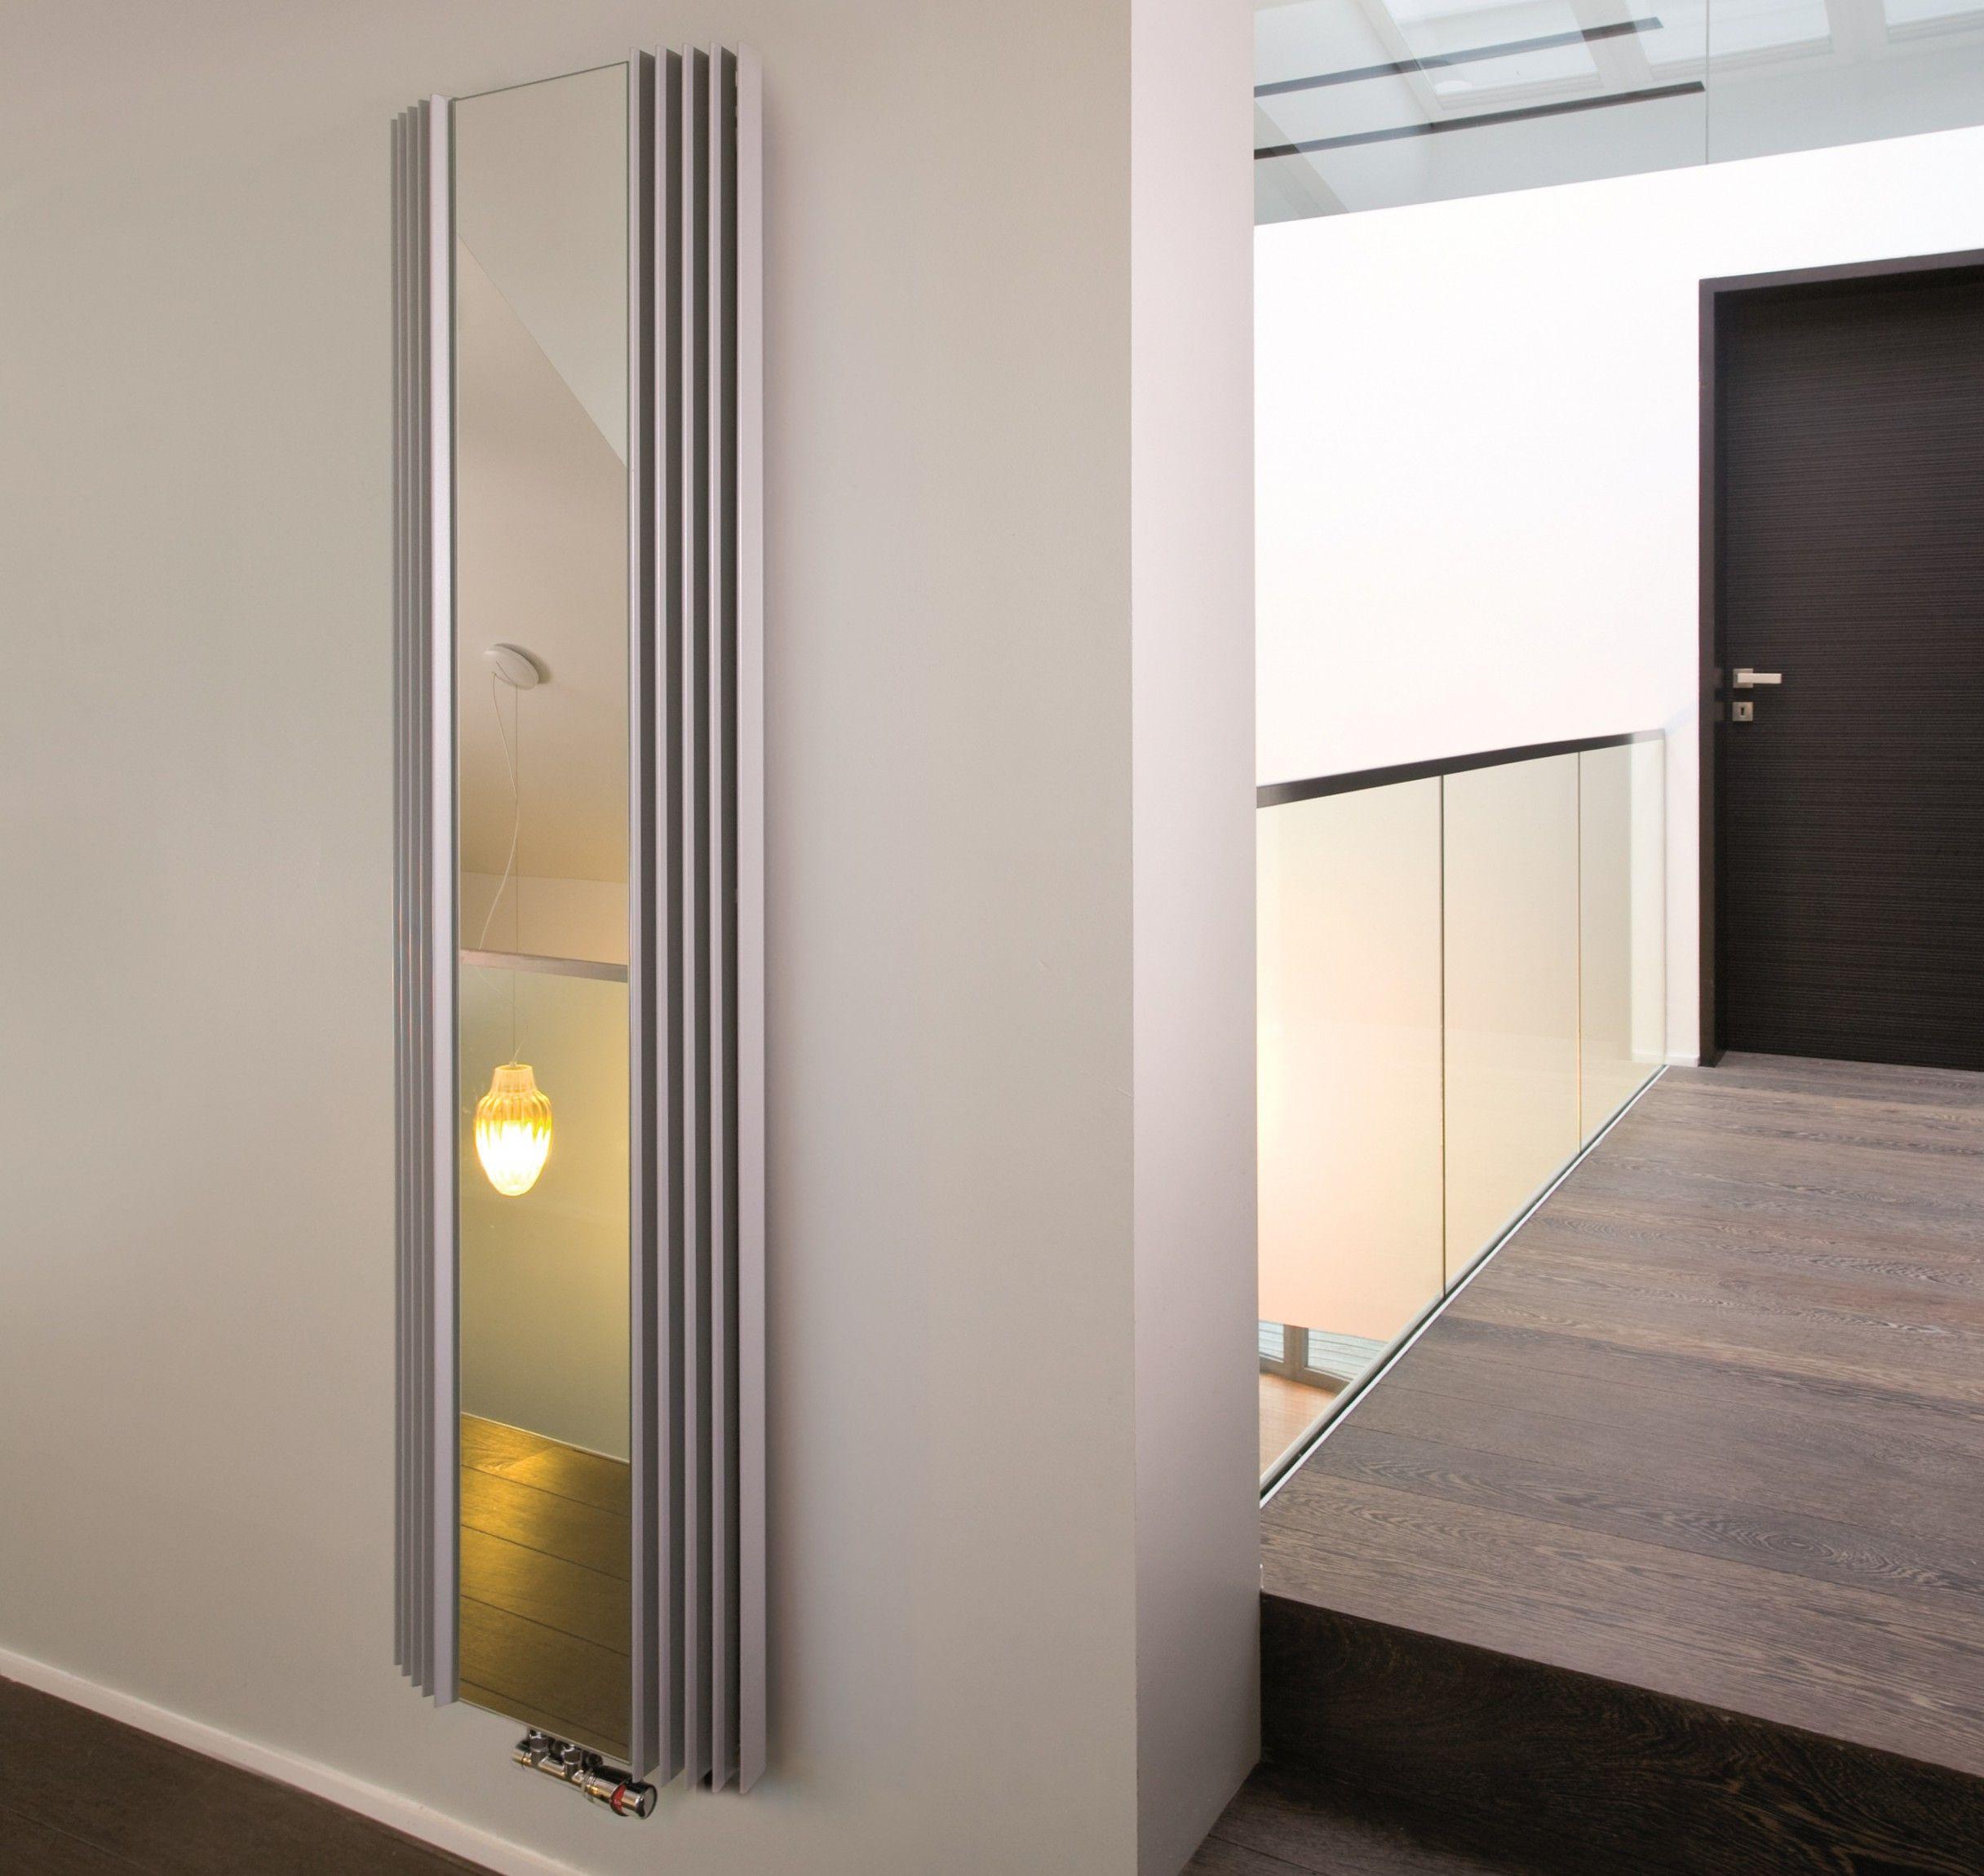 Heizkorper Mit Spiegelfront 180 X Ab 51 Cm Bad Design Heizung Design Heizkorper Design Badheizkorper Spiegel Garderobe